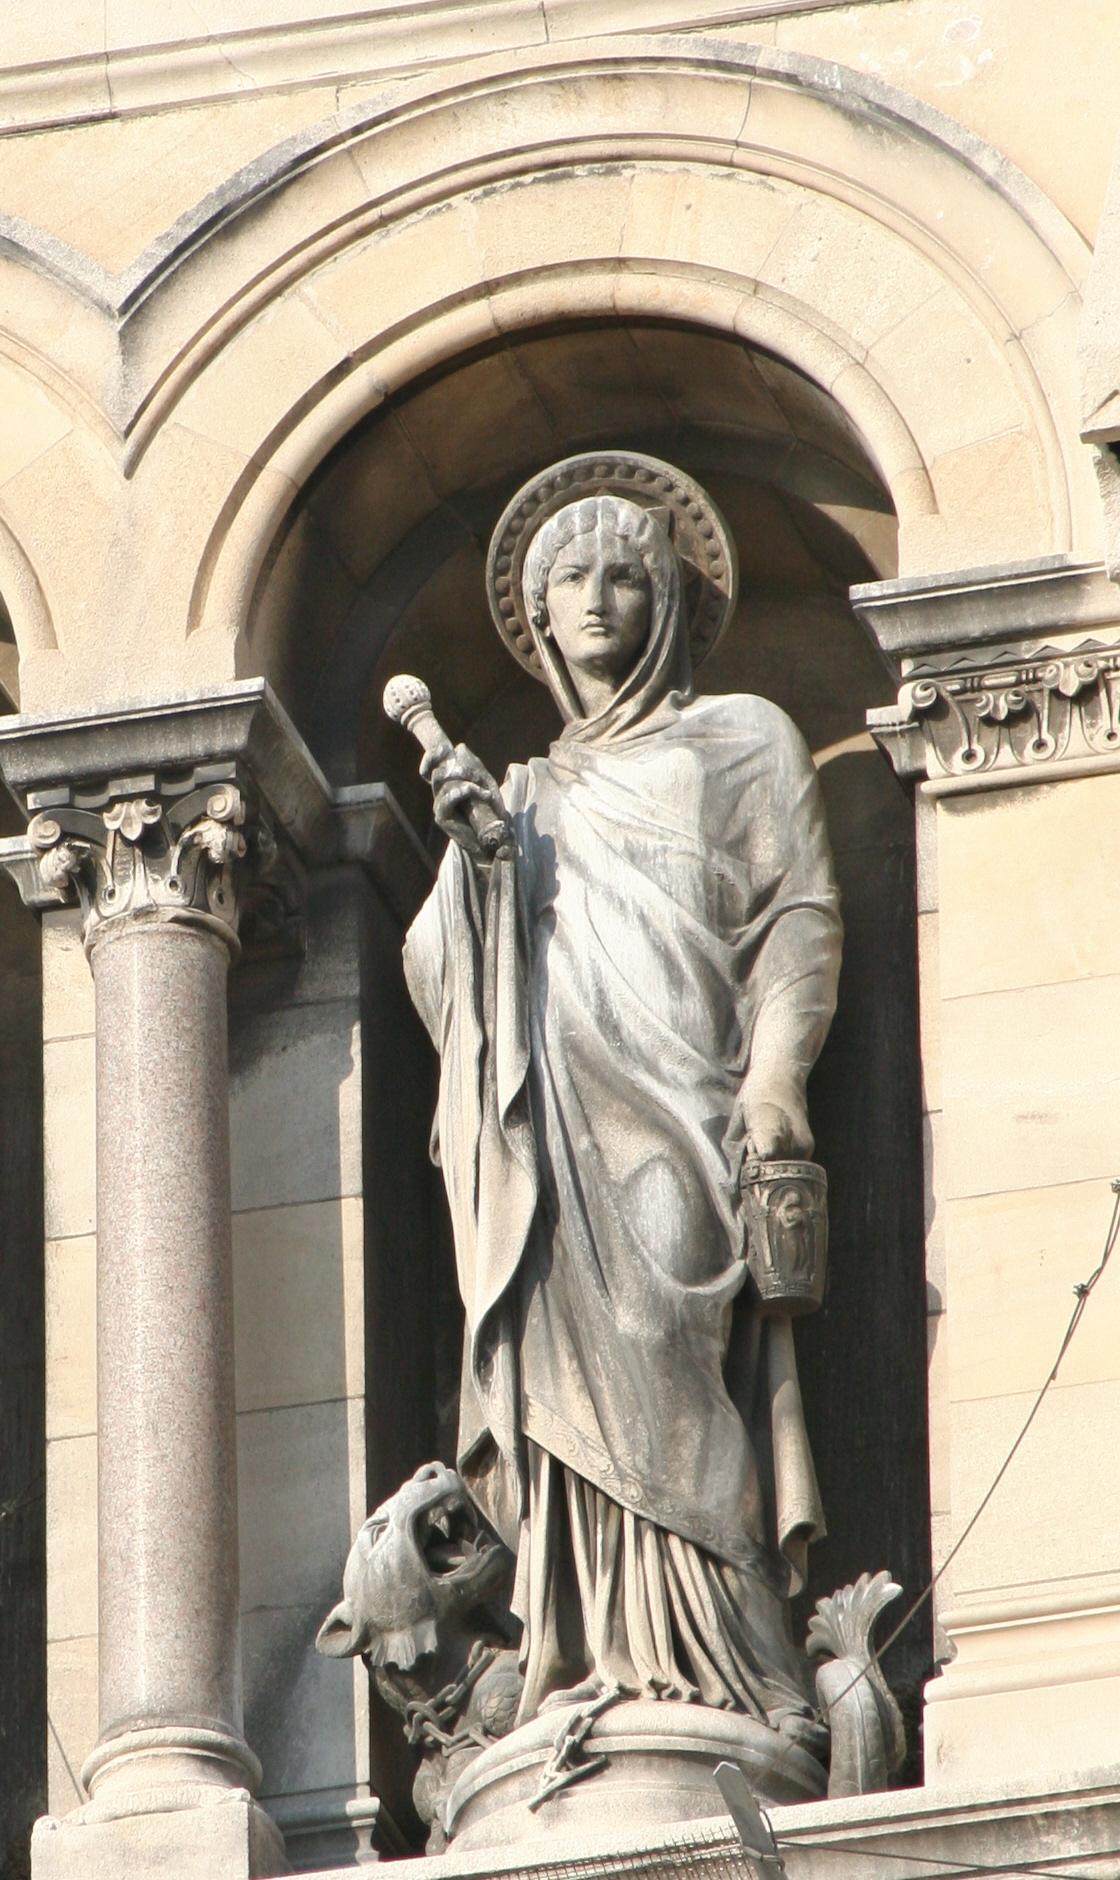 Кафедральный собор Марселя, статуя святой Марфы на фасаде